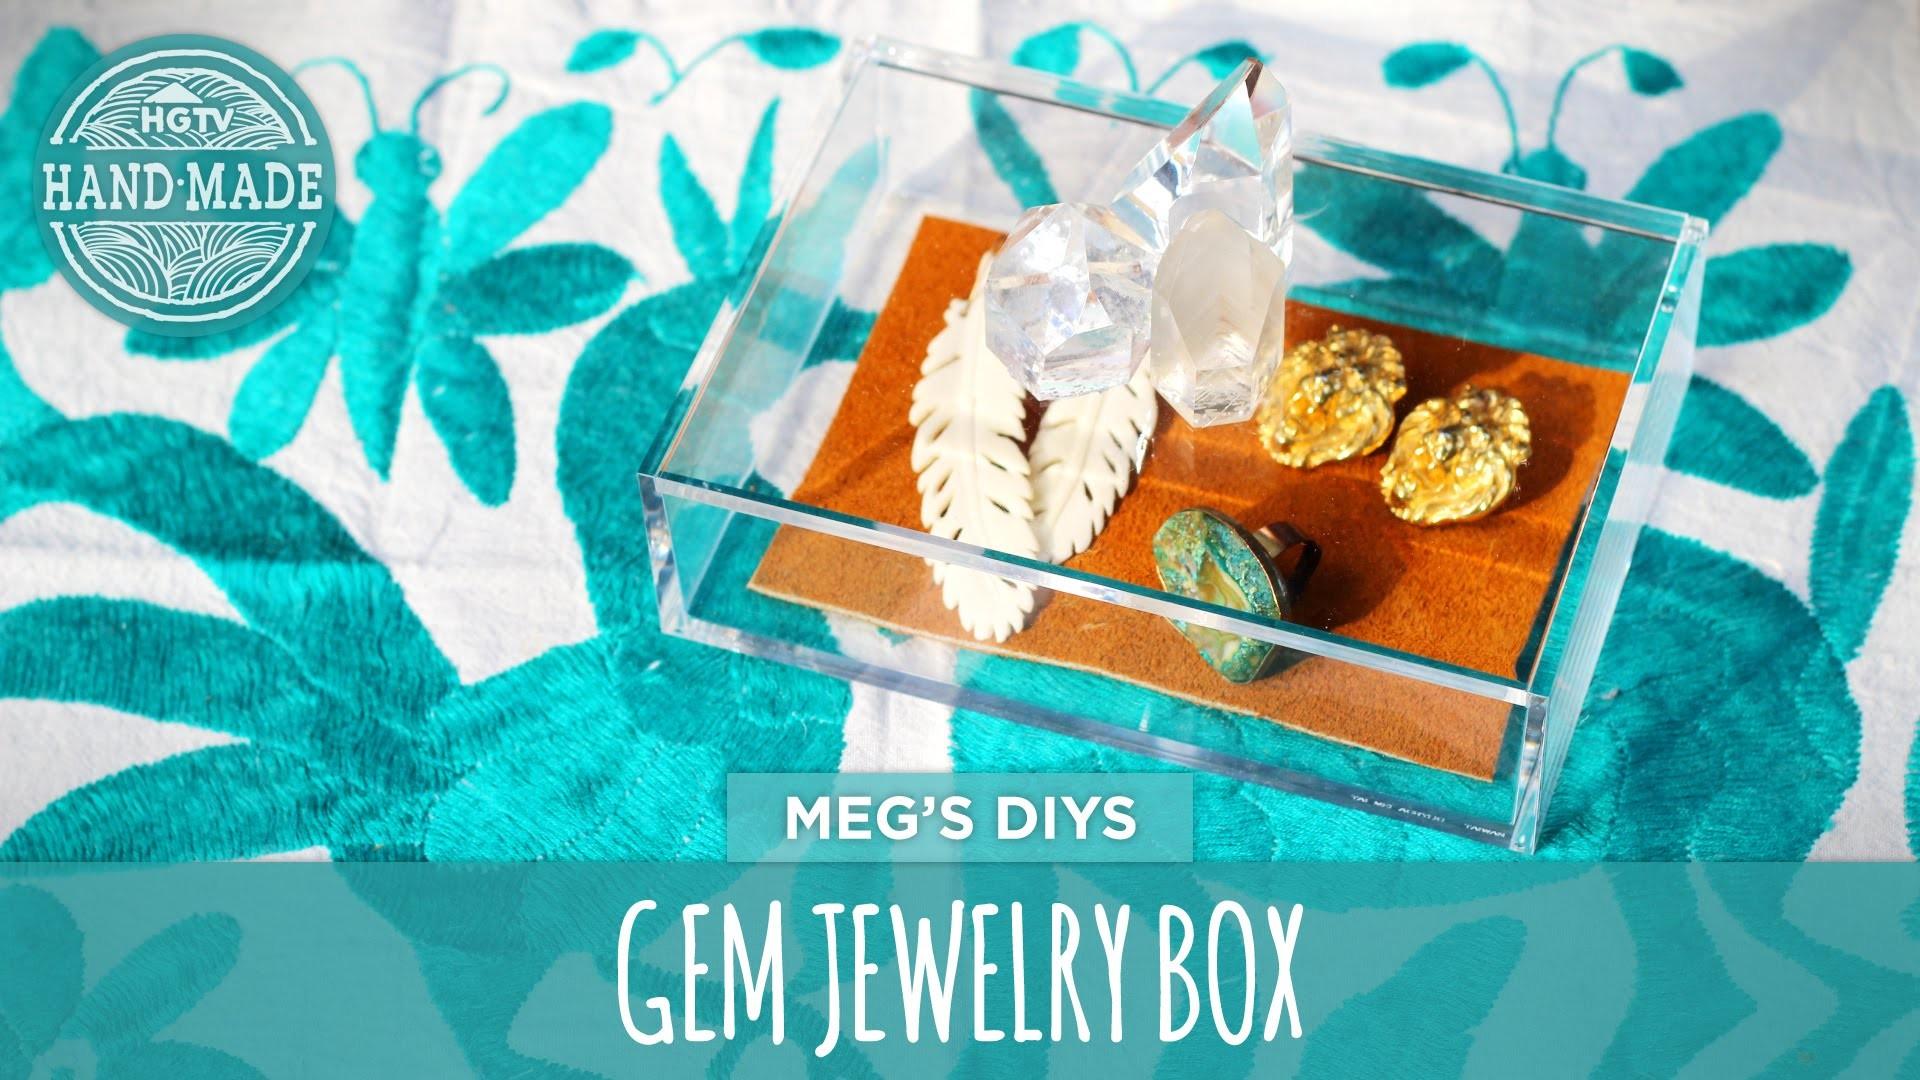 Quartz and Pyrite Jewelry Box- HGTV Handmade